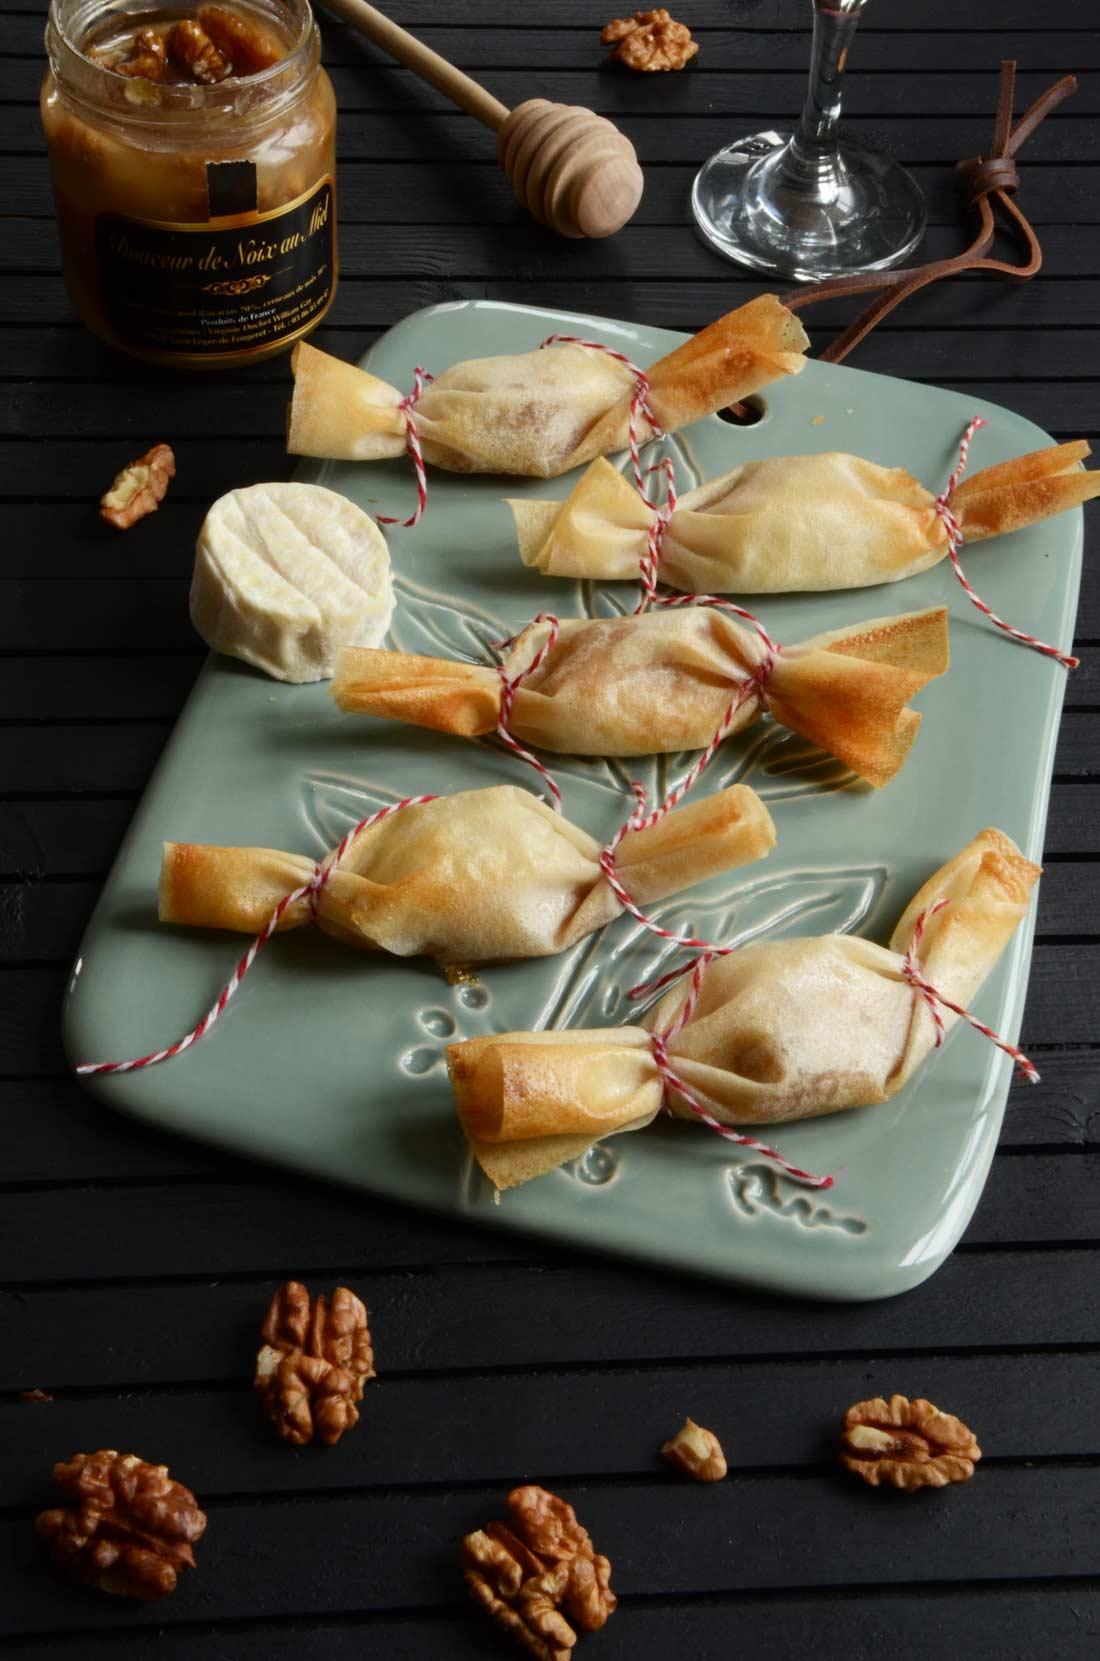 recette de bonbons de fromage miel et noix pour l'apéritif